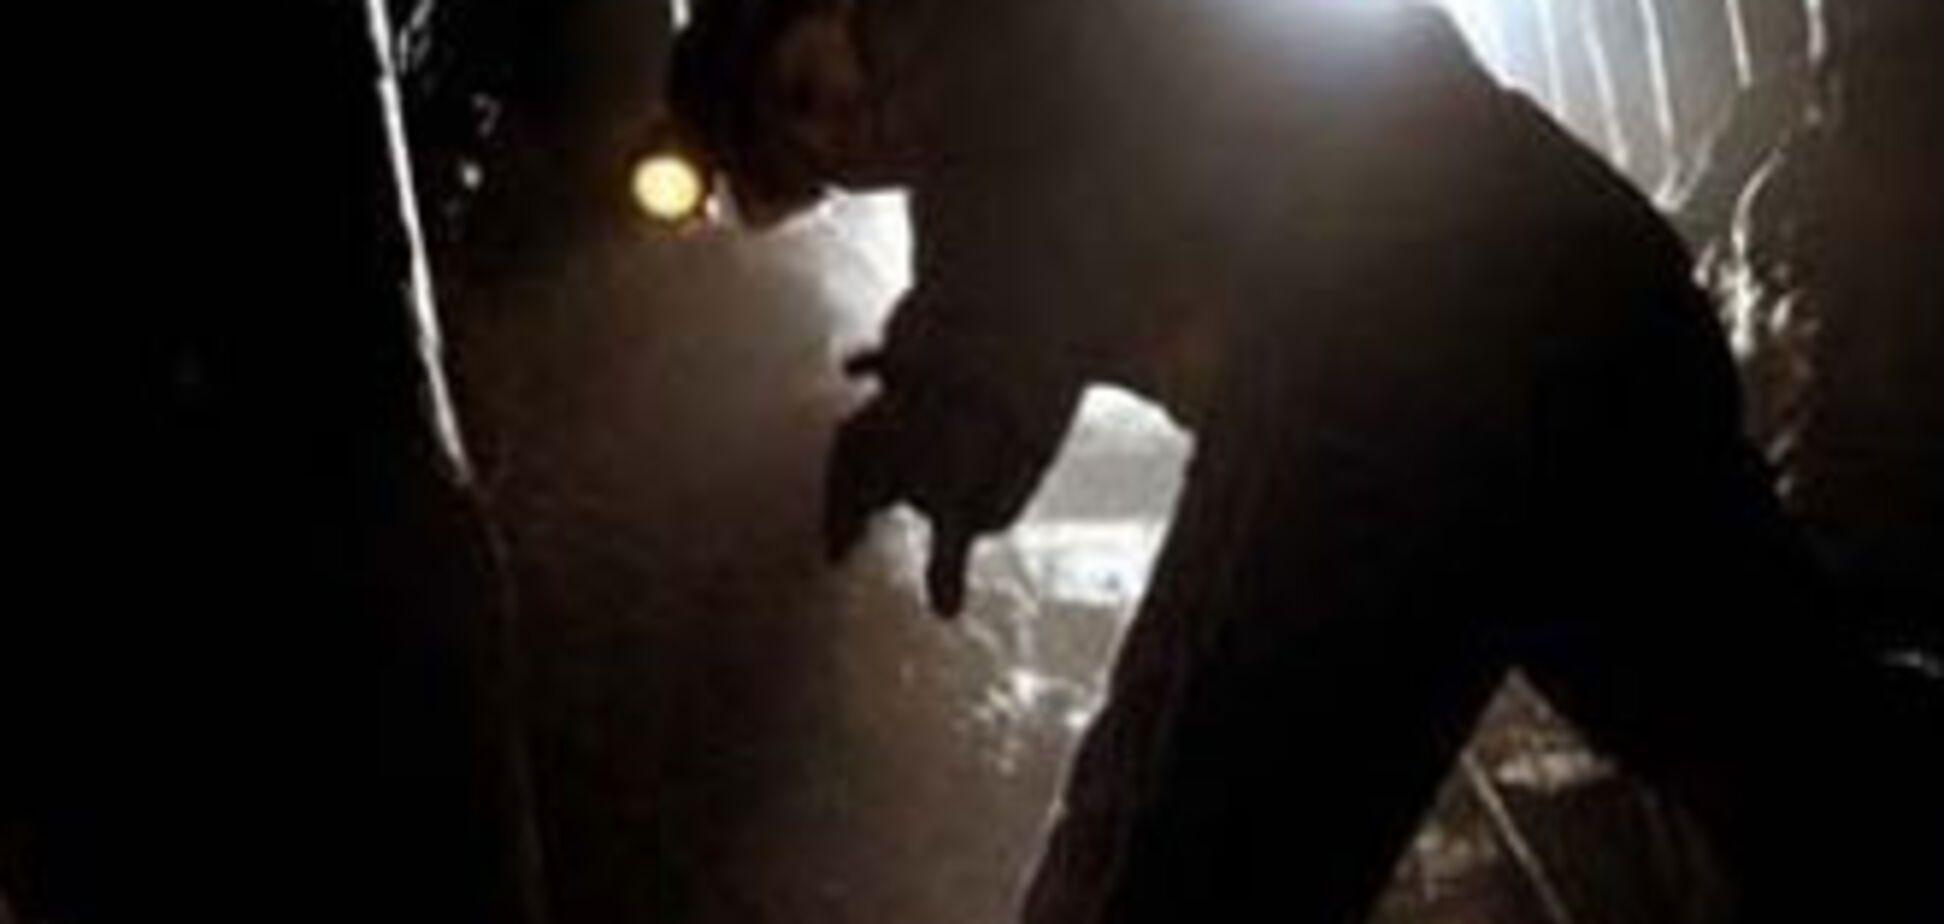 Кількість жертв на шахті в Росії збільшилася до 30